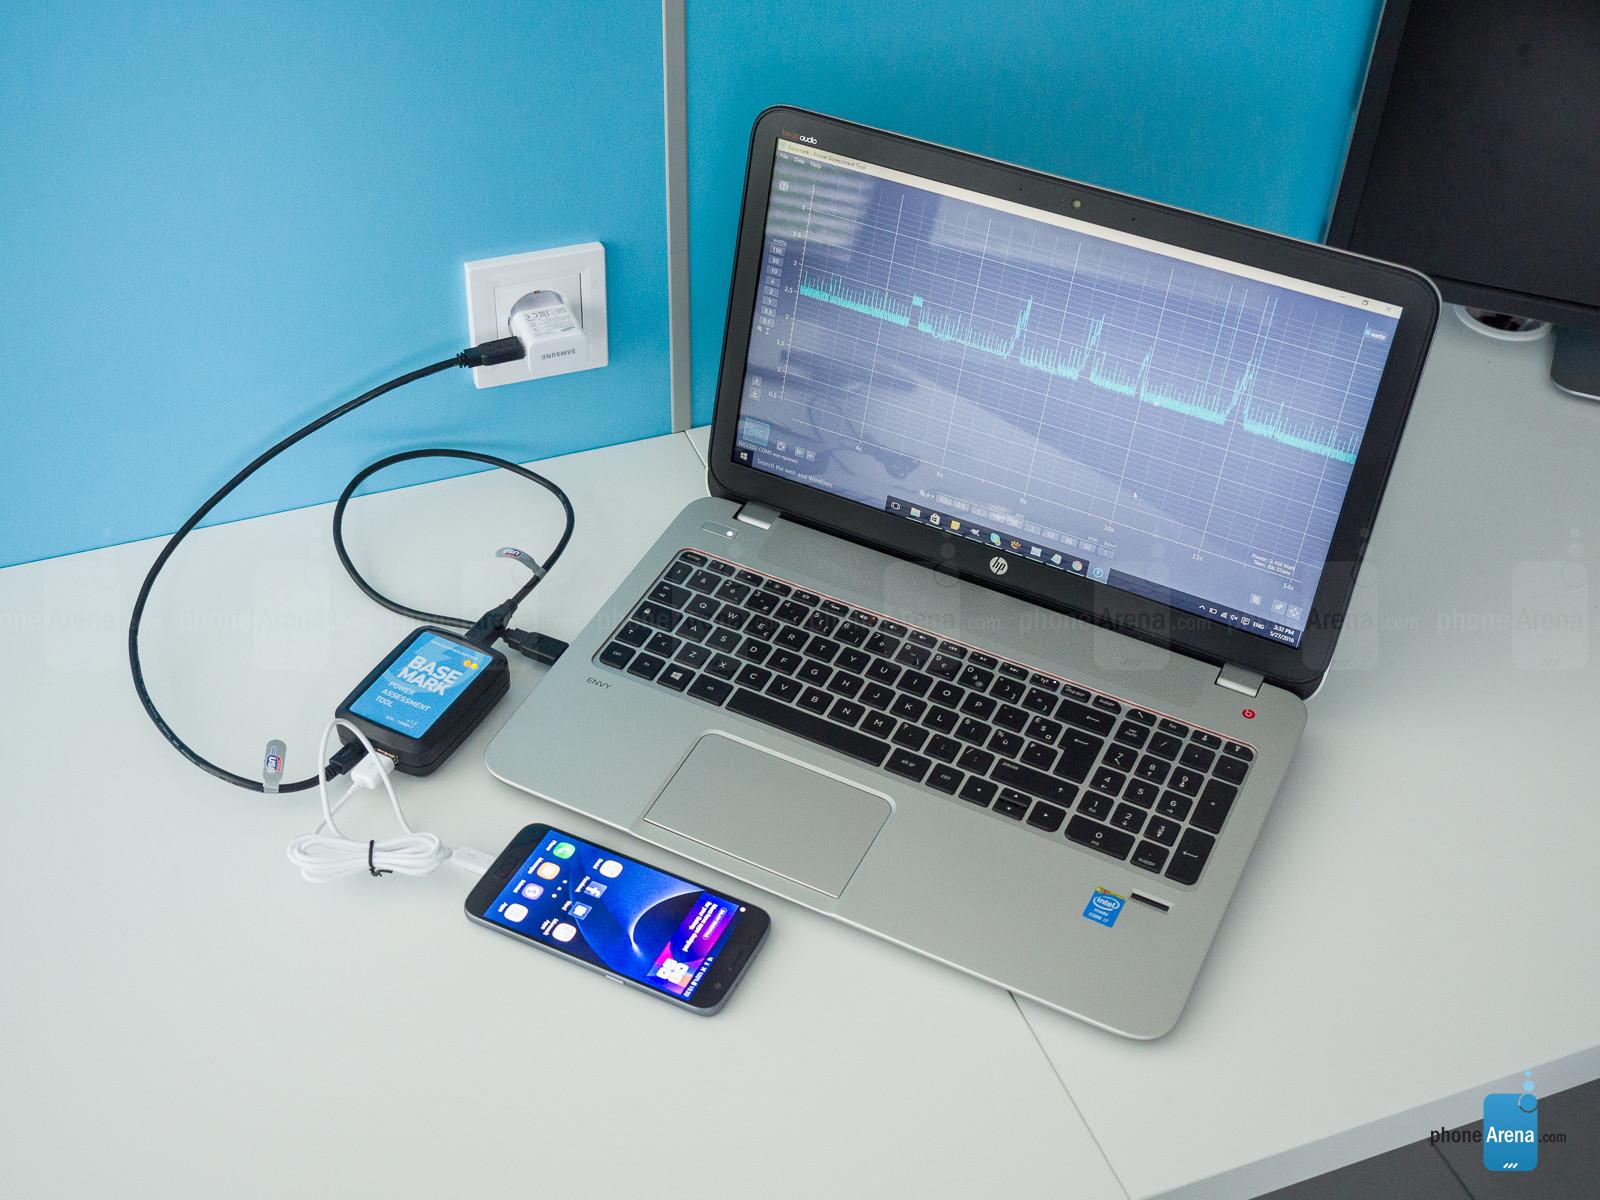 صفحه نمایشهای همیشه روشن گلکسی S7 در برابر الجی G5: کدام ...